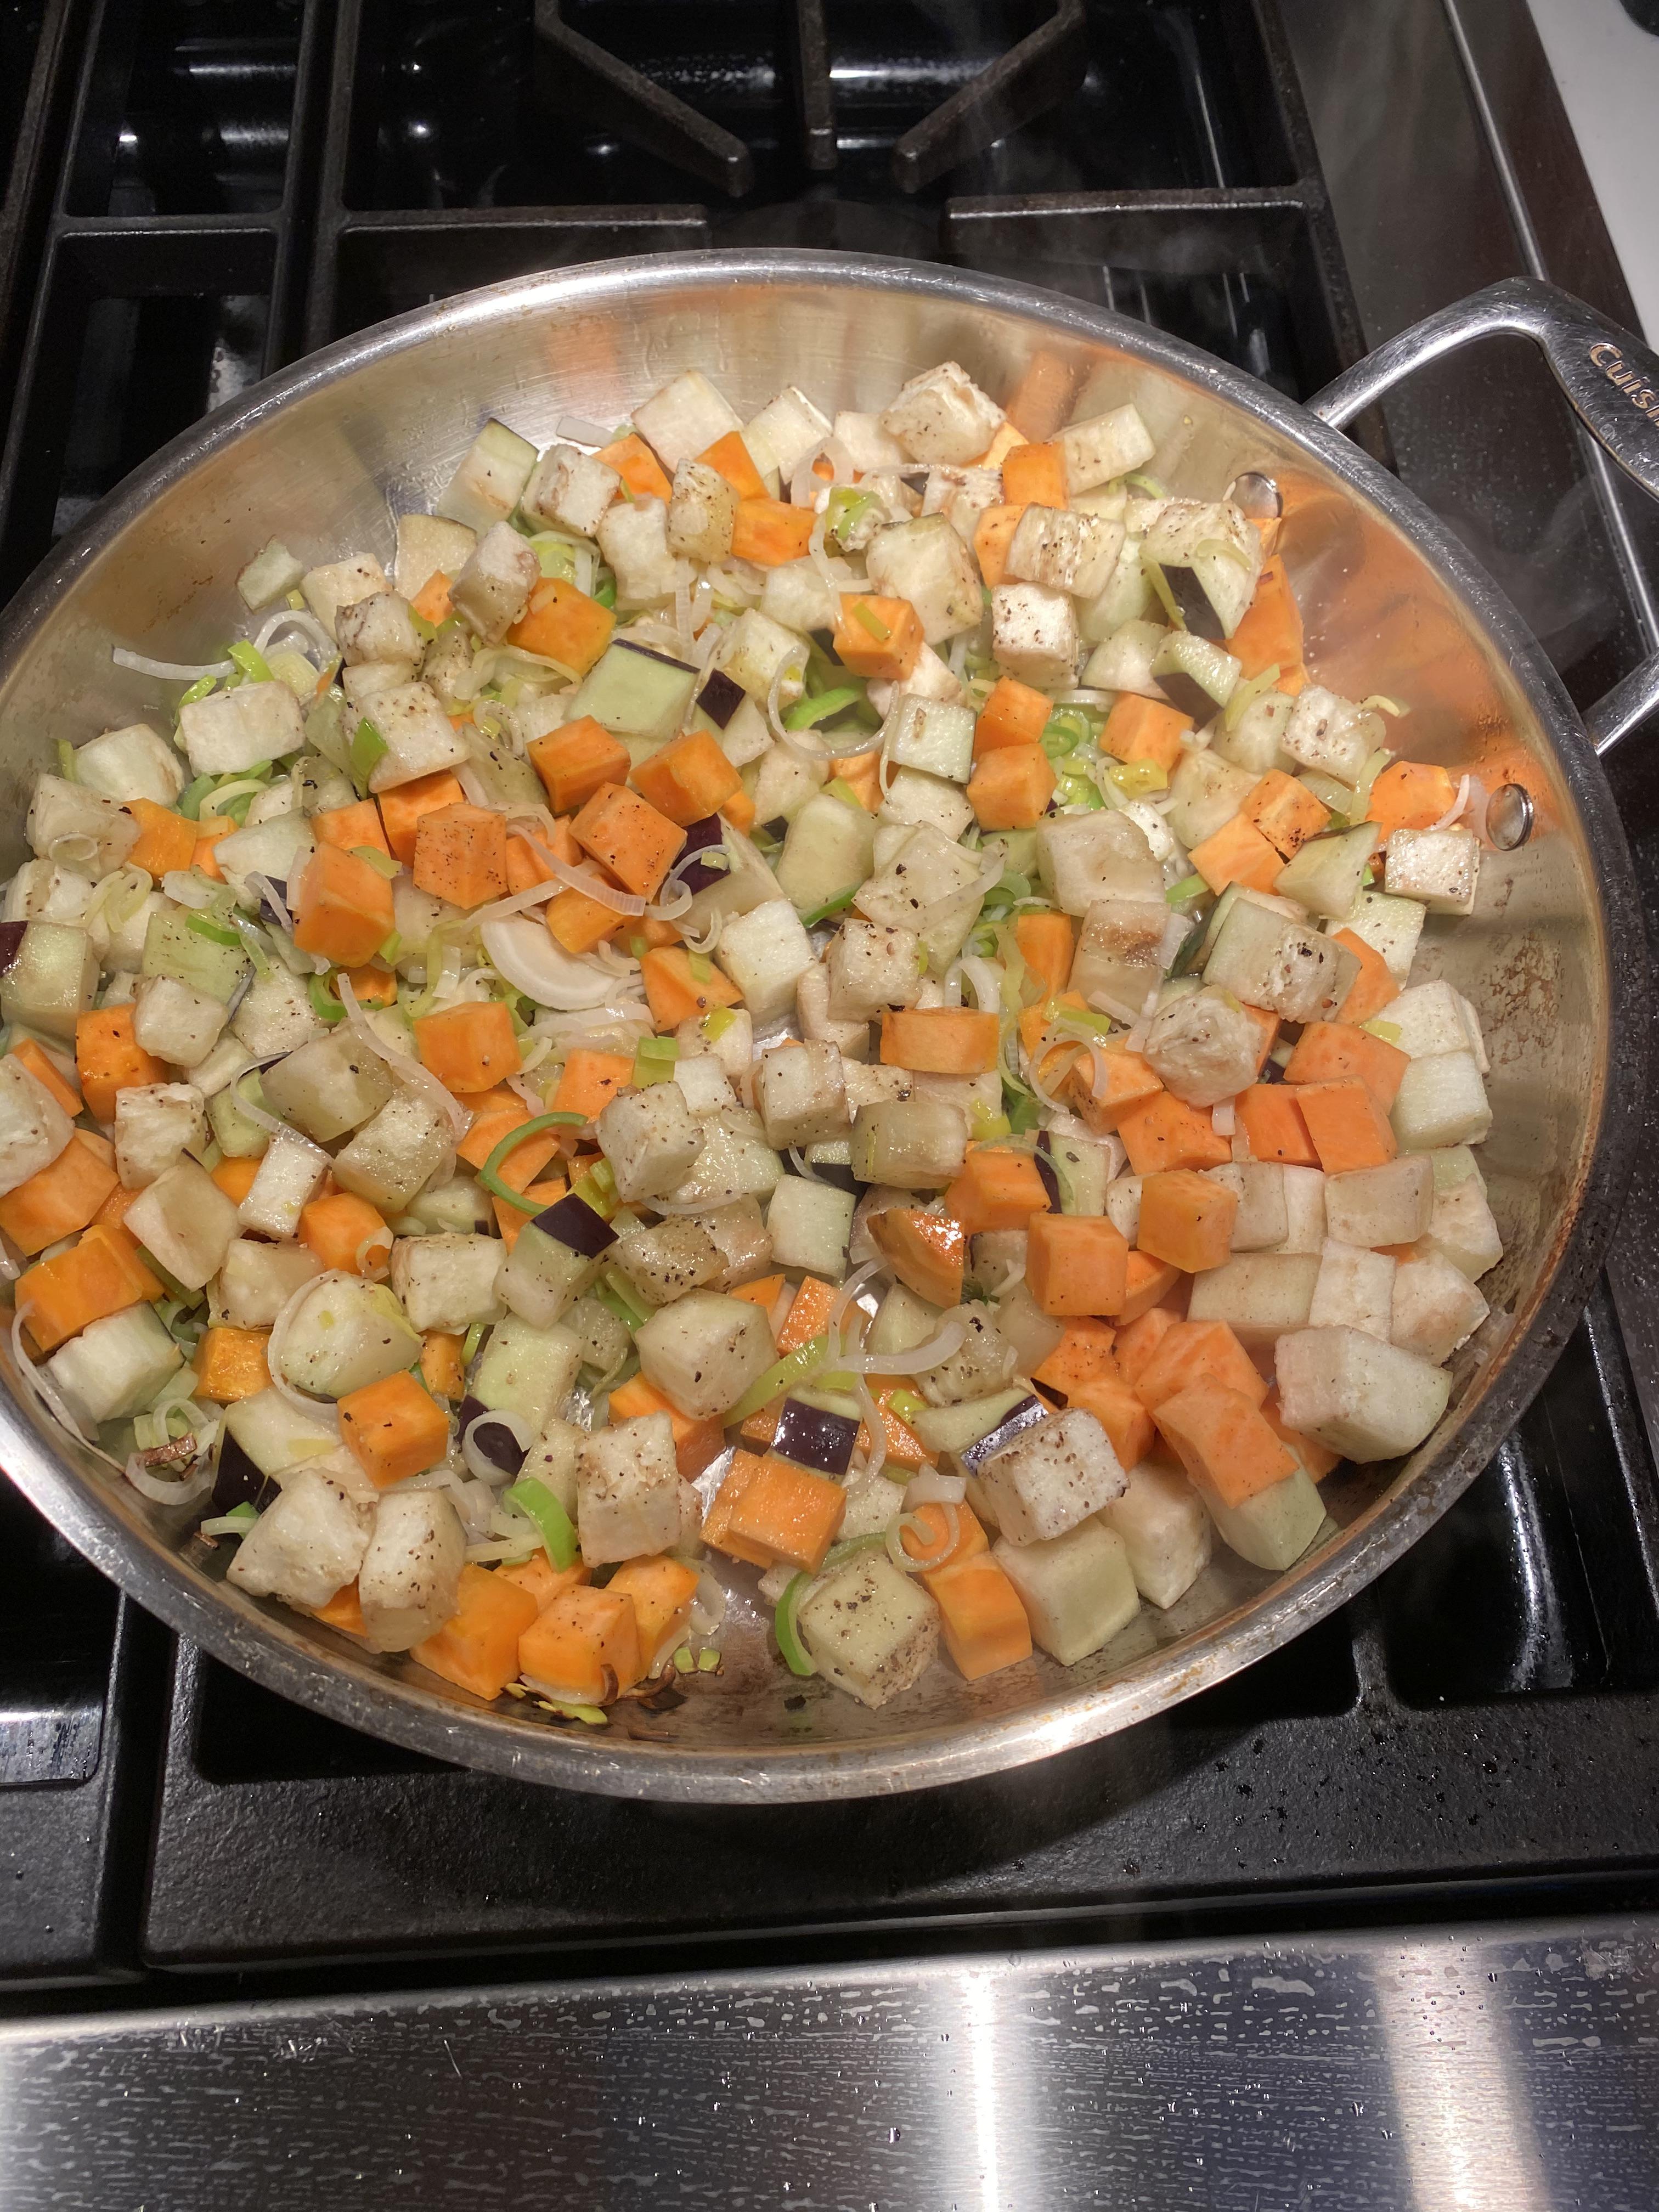 veggies in skillet